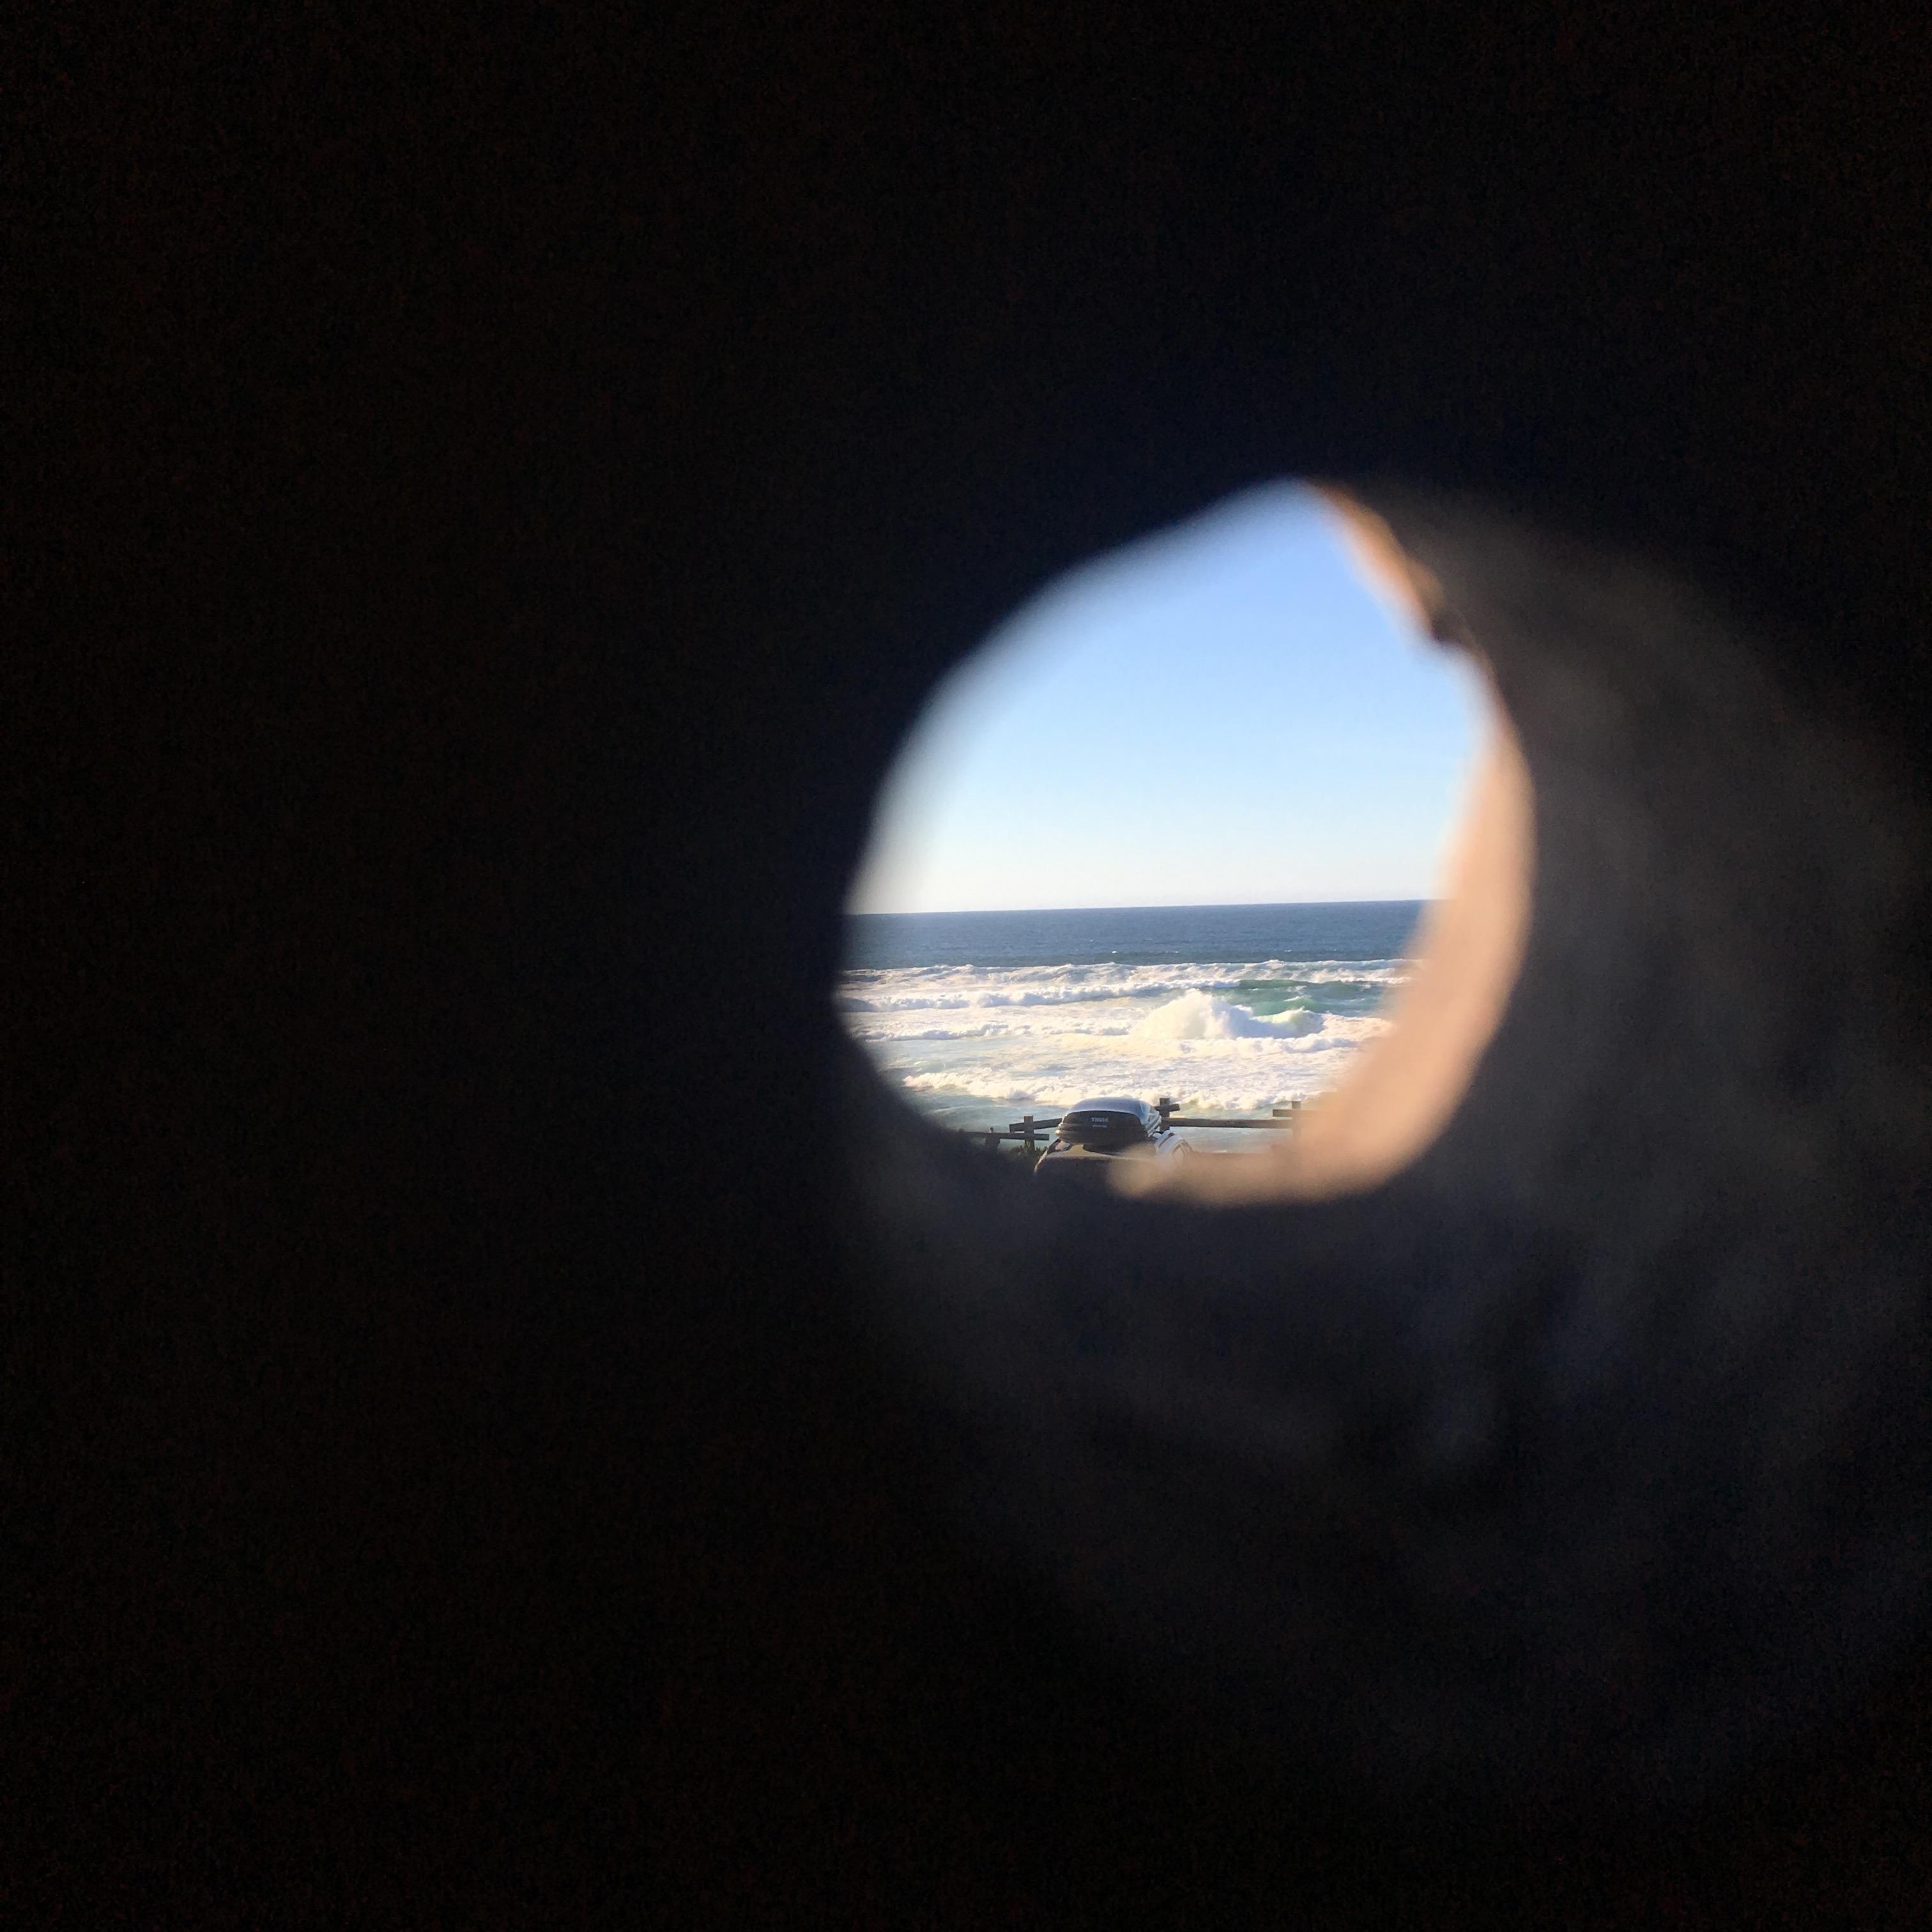 Point Reyes, CA Dec16